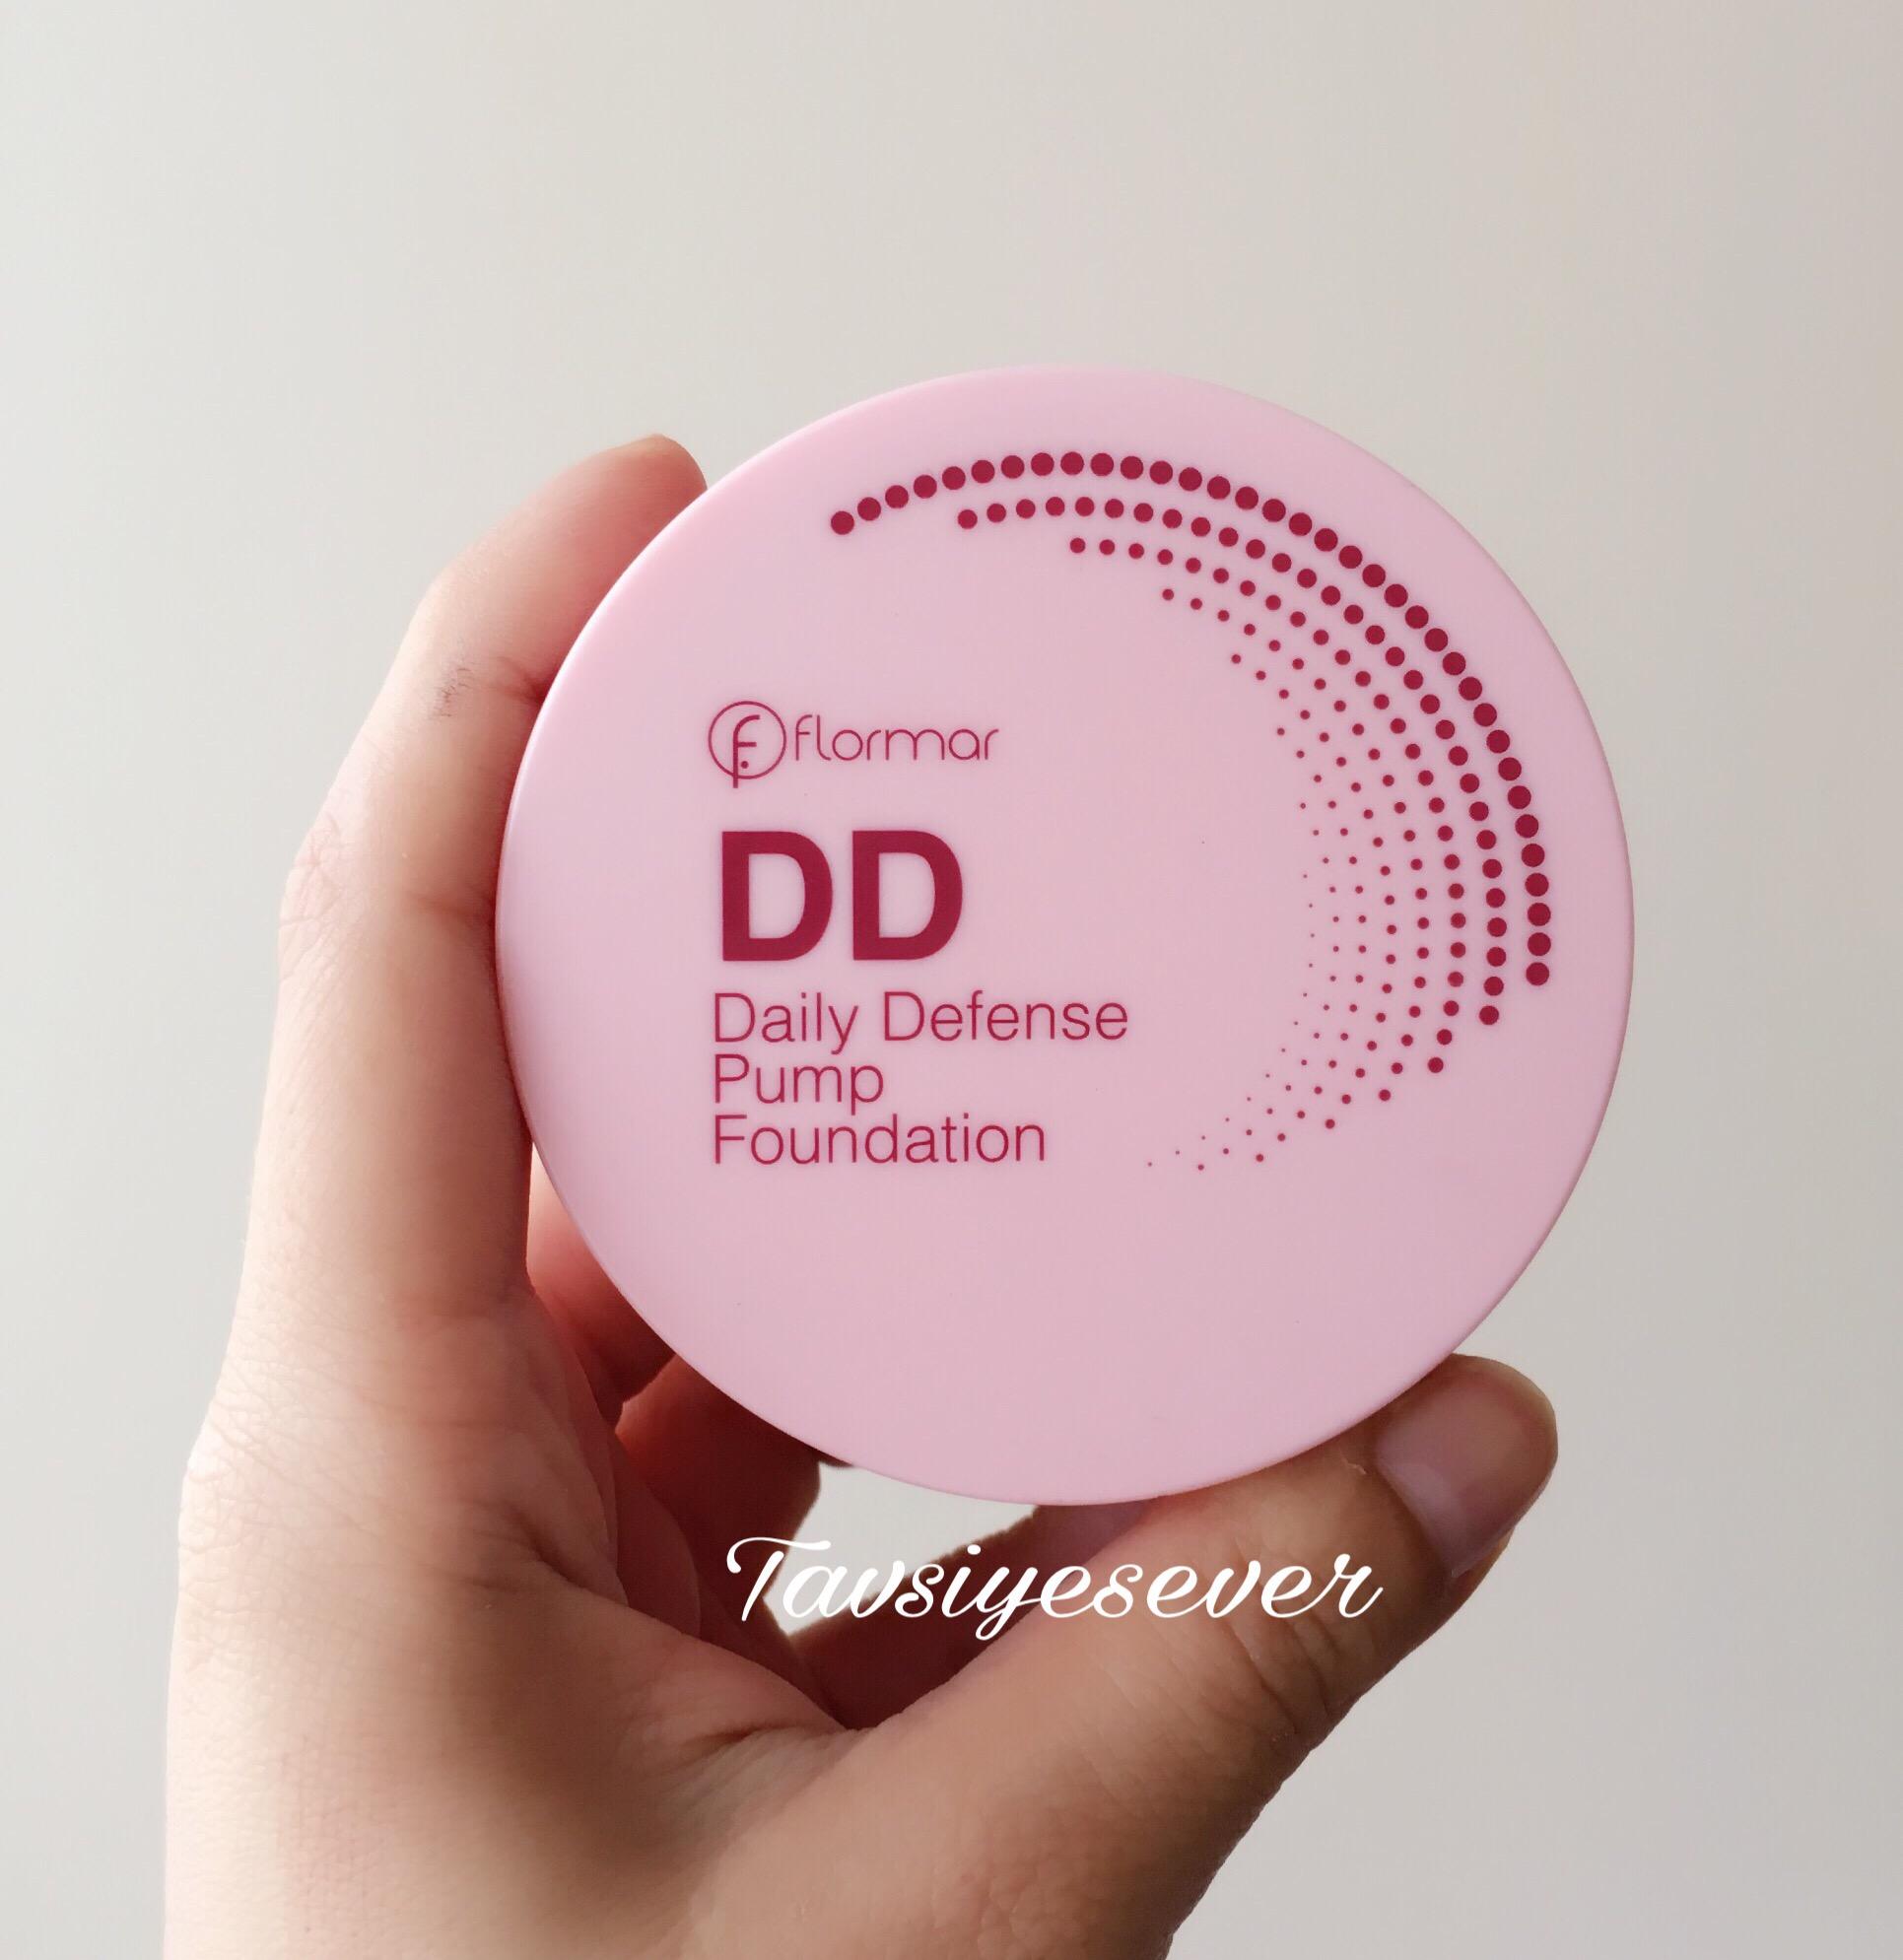 Flormar DD Pump Fondoten